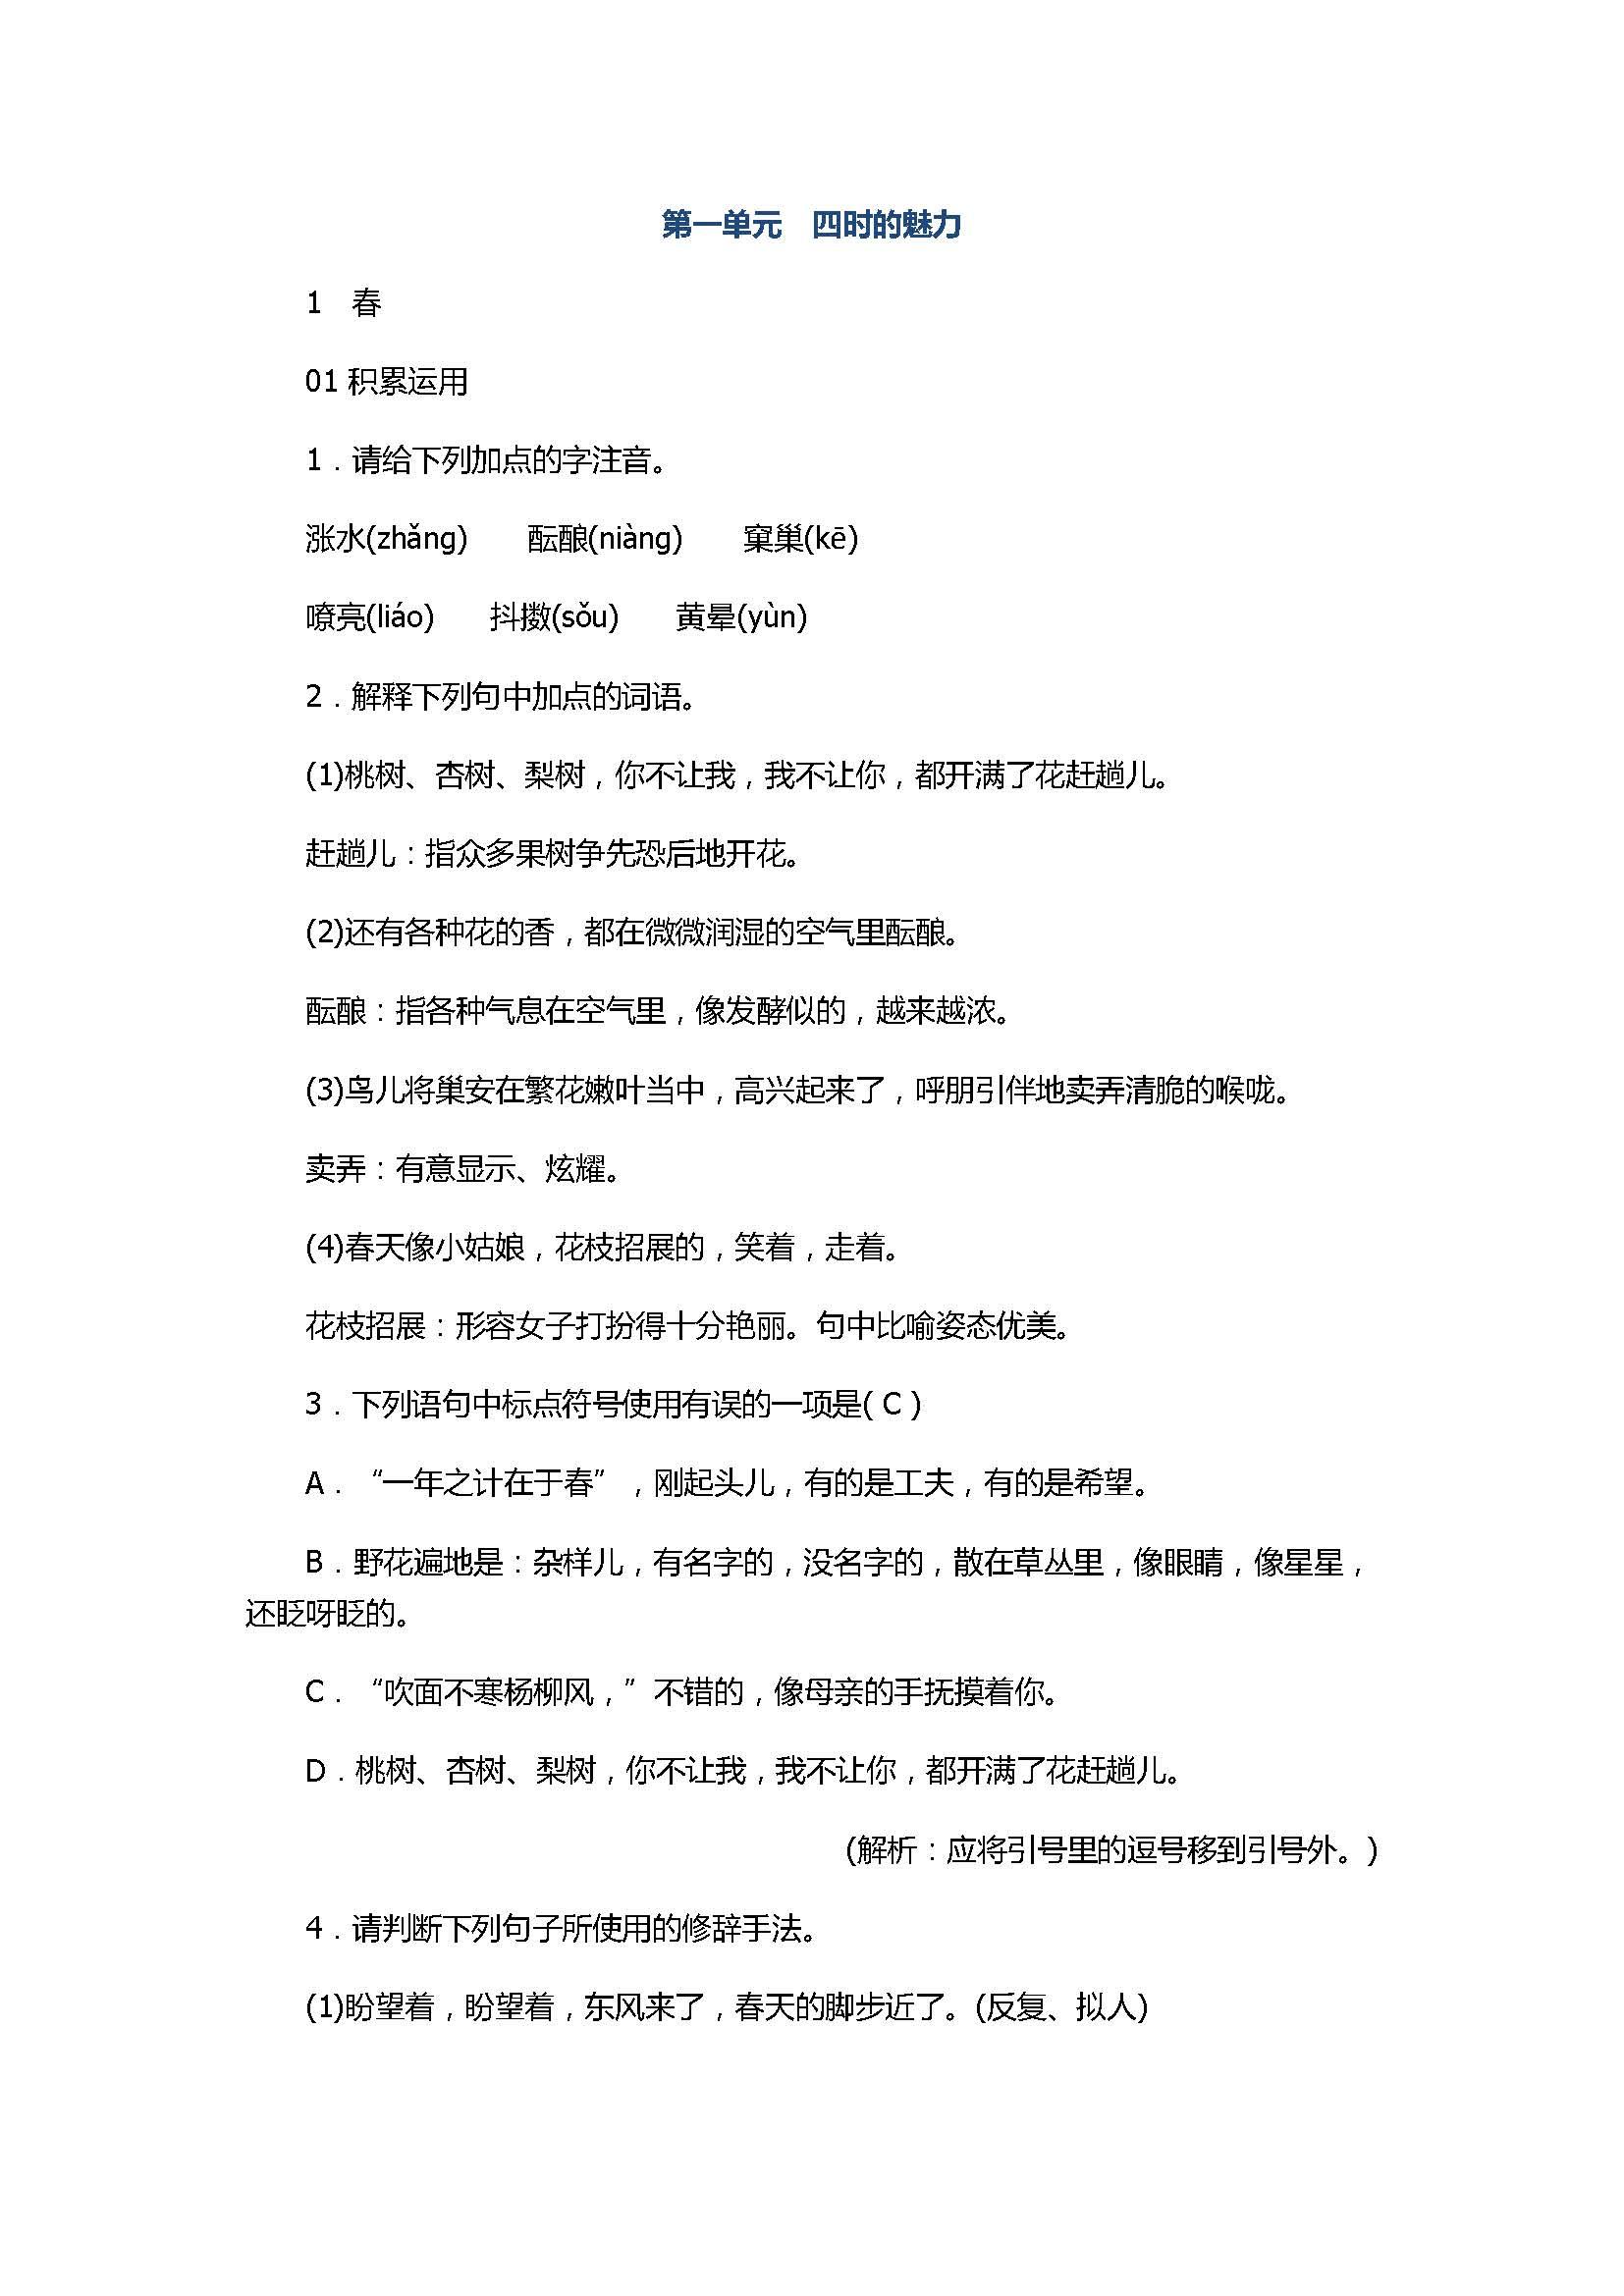 2017七年级语文上册《春》精编练习题含答案(部编版)